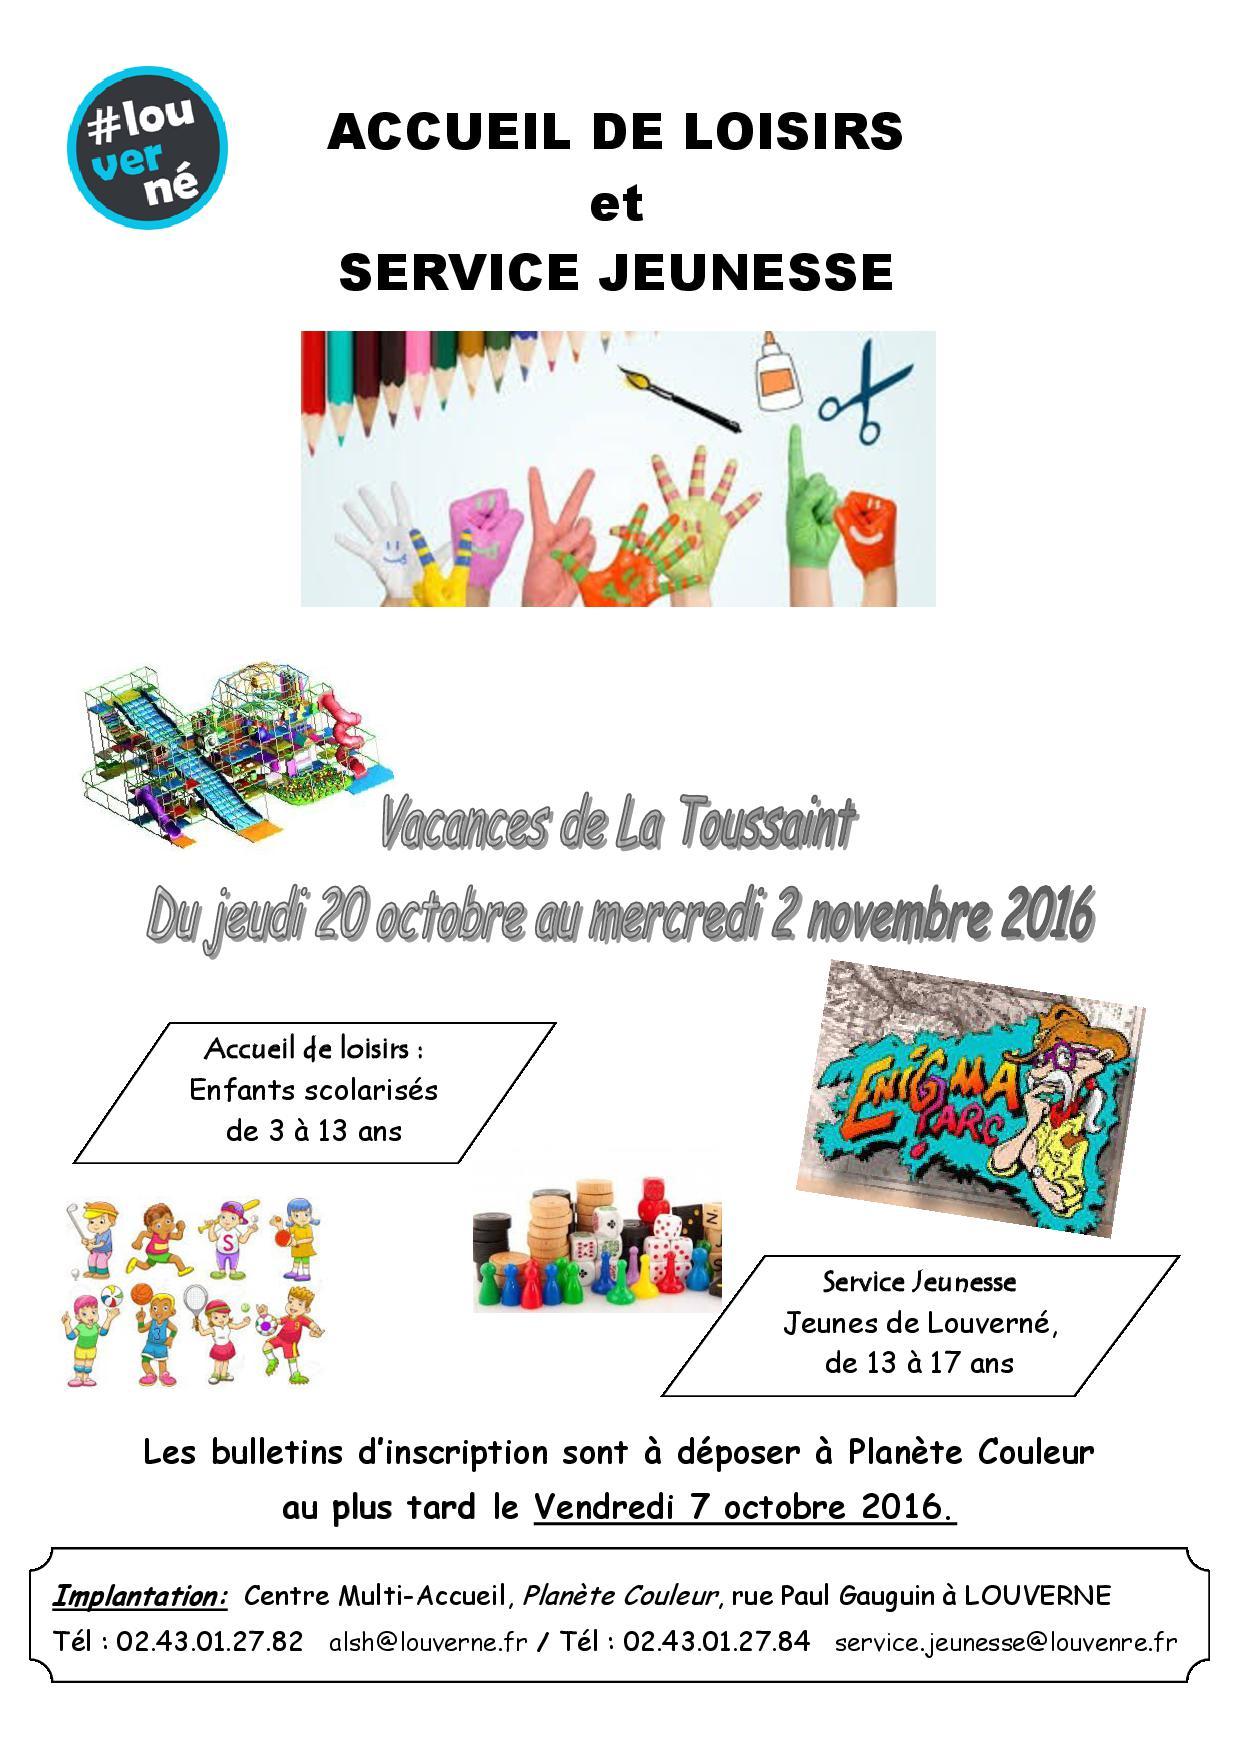 Centre de loisirs plan te couleurs vacances la toussaint 2016 commune de sac - Vacances de la toussaint 2016 ...